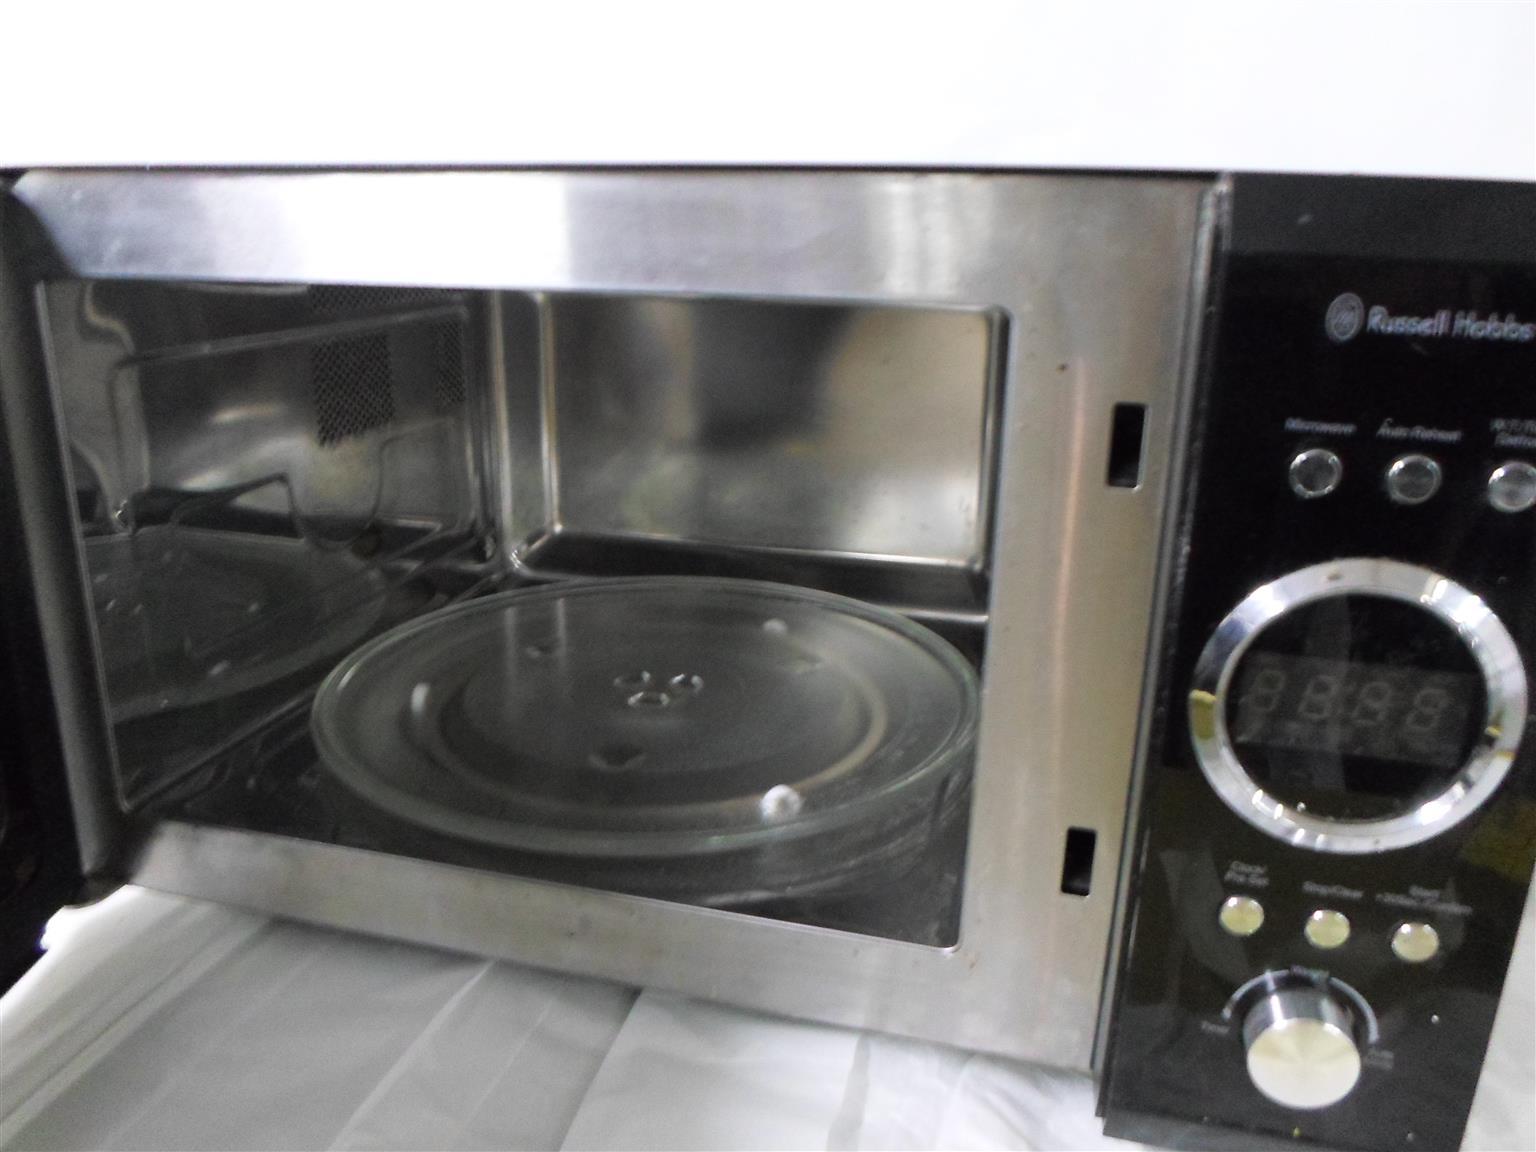 RHM28L Russel Hobbs Microwave